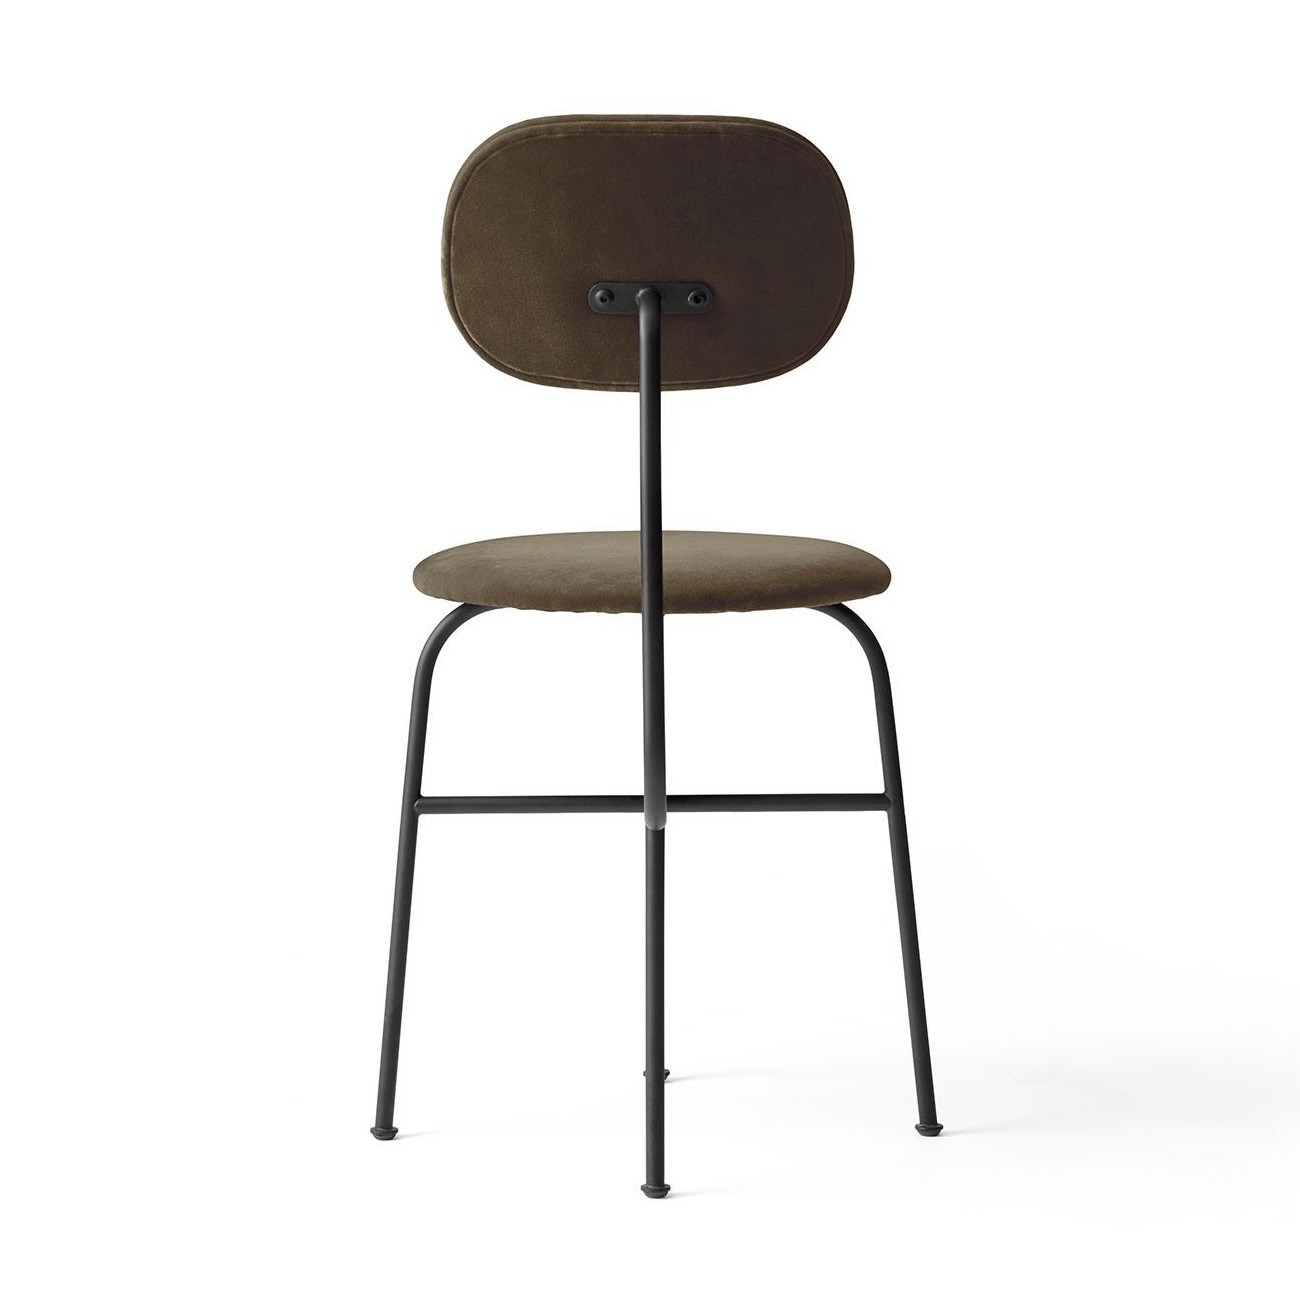 Menu Afteroom Dining Chair gepolstert 1300x1300 ID 3e6f2712ecc02ecbae67d5e805d